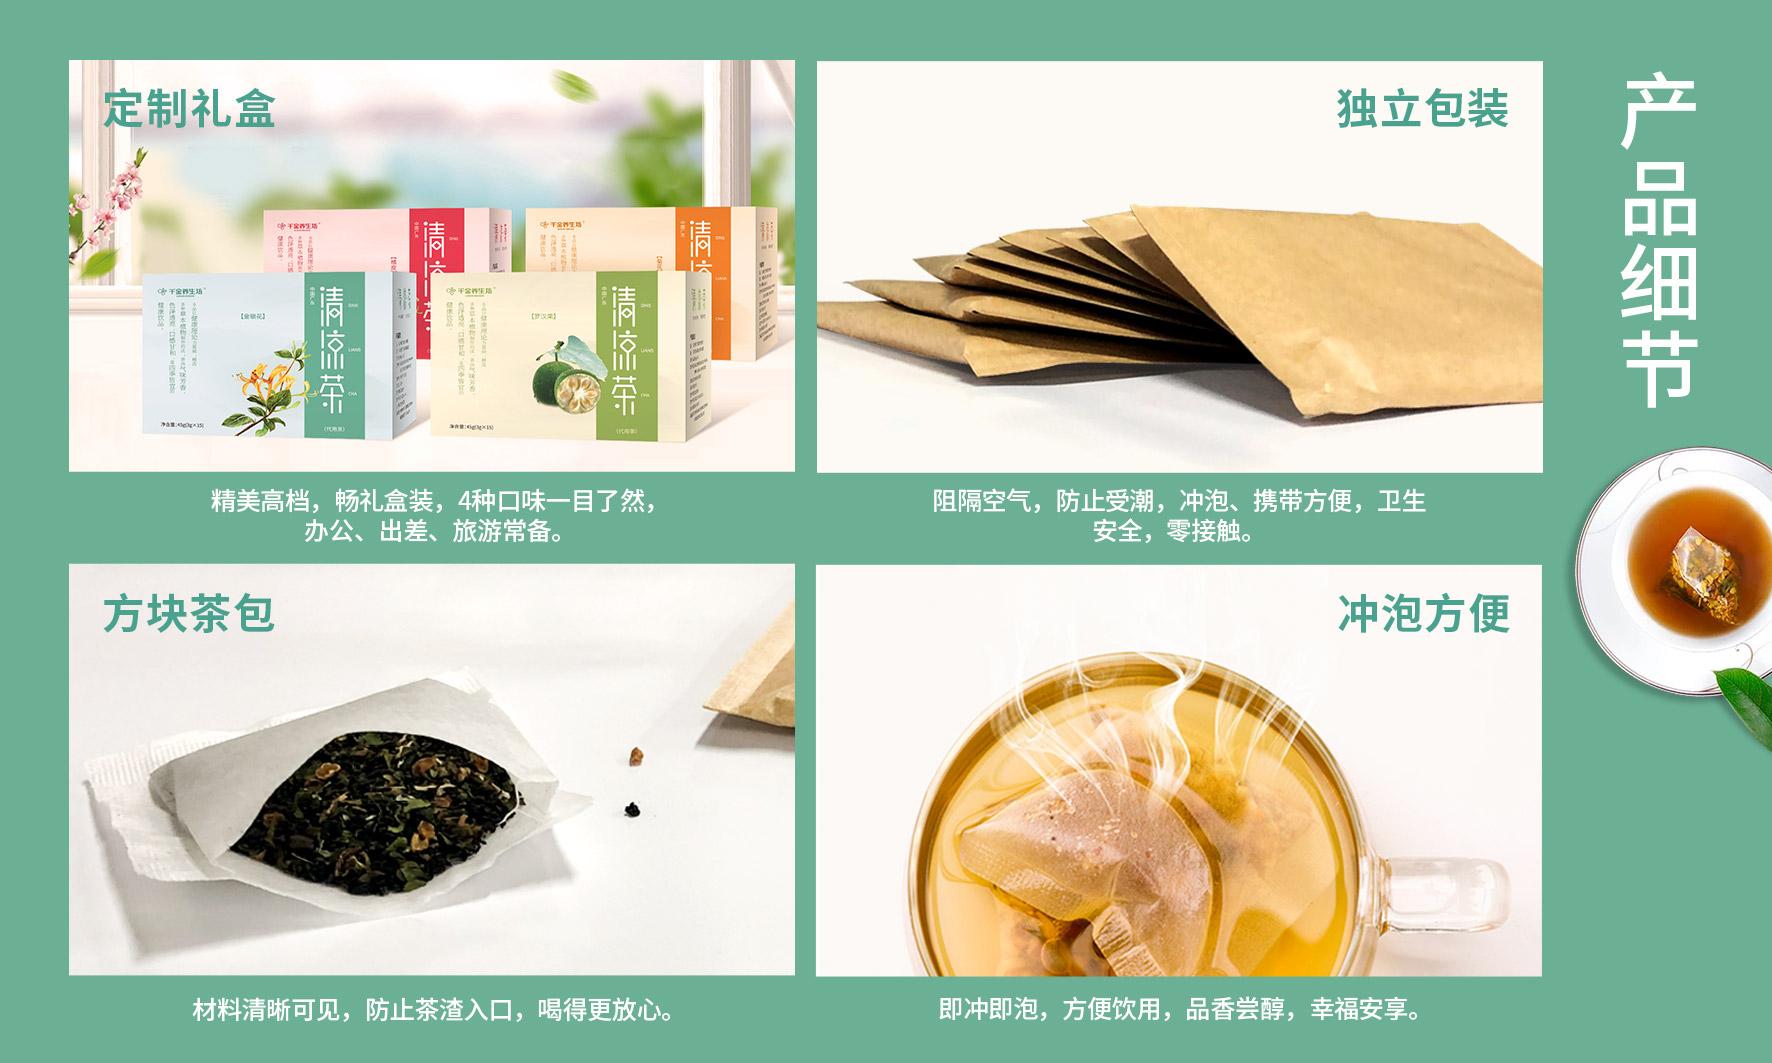 清凉茶修改-图片16